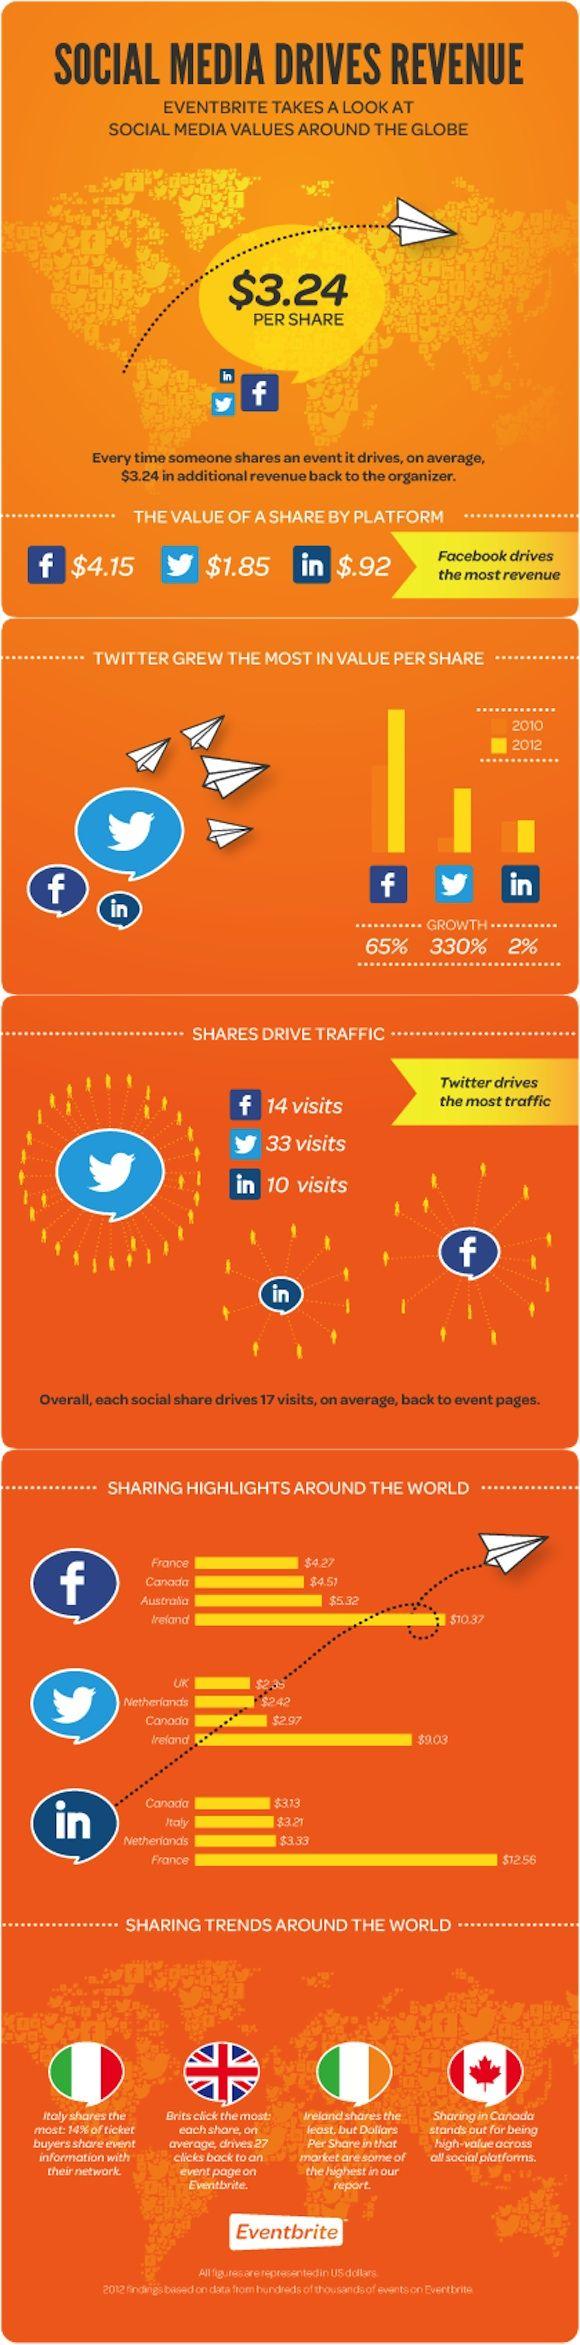 Eventbrite: Twitter stimuleert kaartverkoop [infographic]